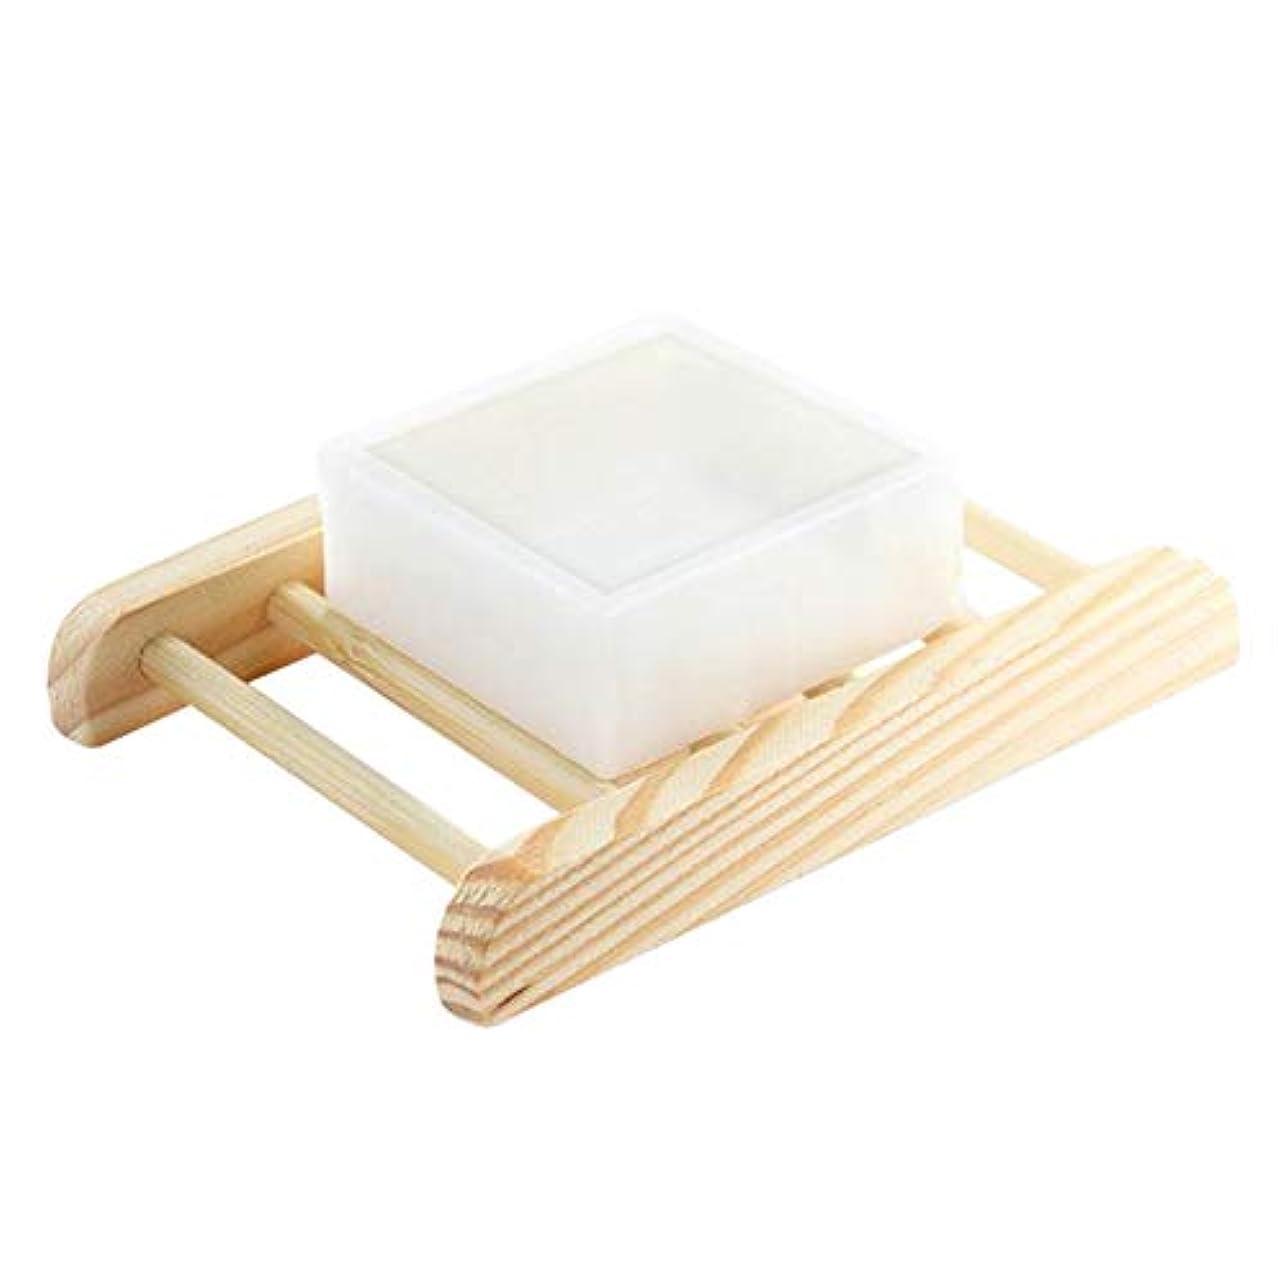 プレフィックス呪い引き潮Kaddima ハンドメイド石鹸発酵ボディネックアームのホワイトニングホワイトニングソープ